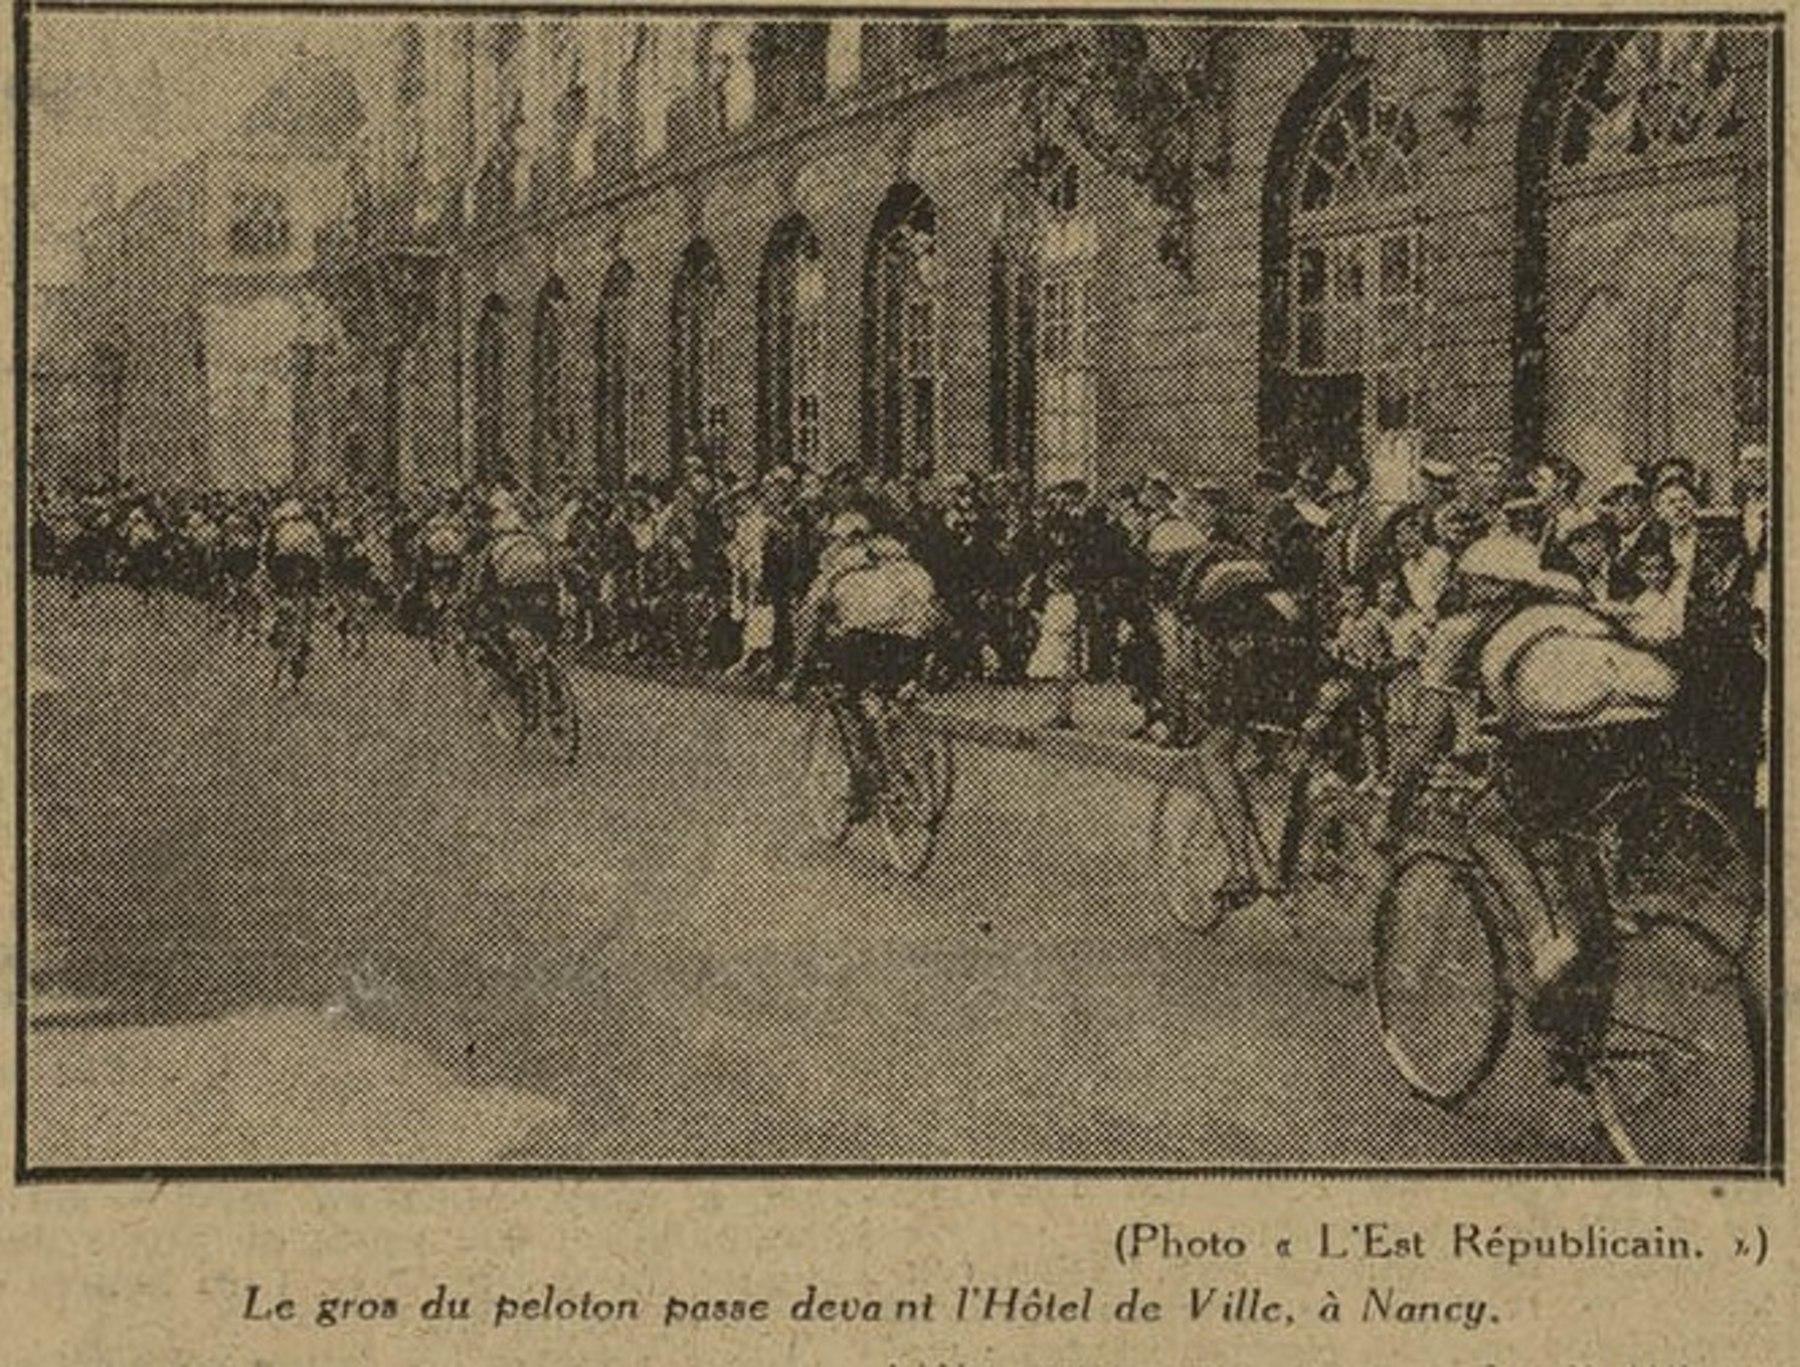 Contenu du Le gros du peloton passe devant l'hôtel de ville à Nancy.